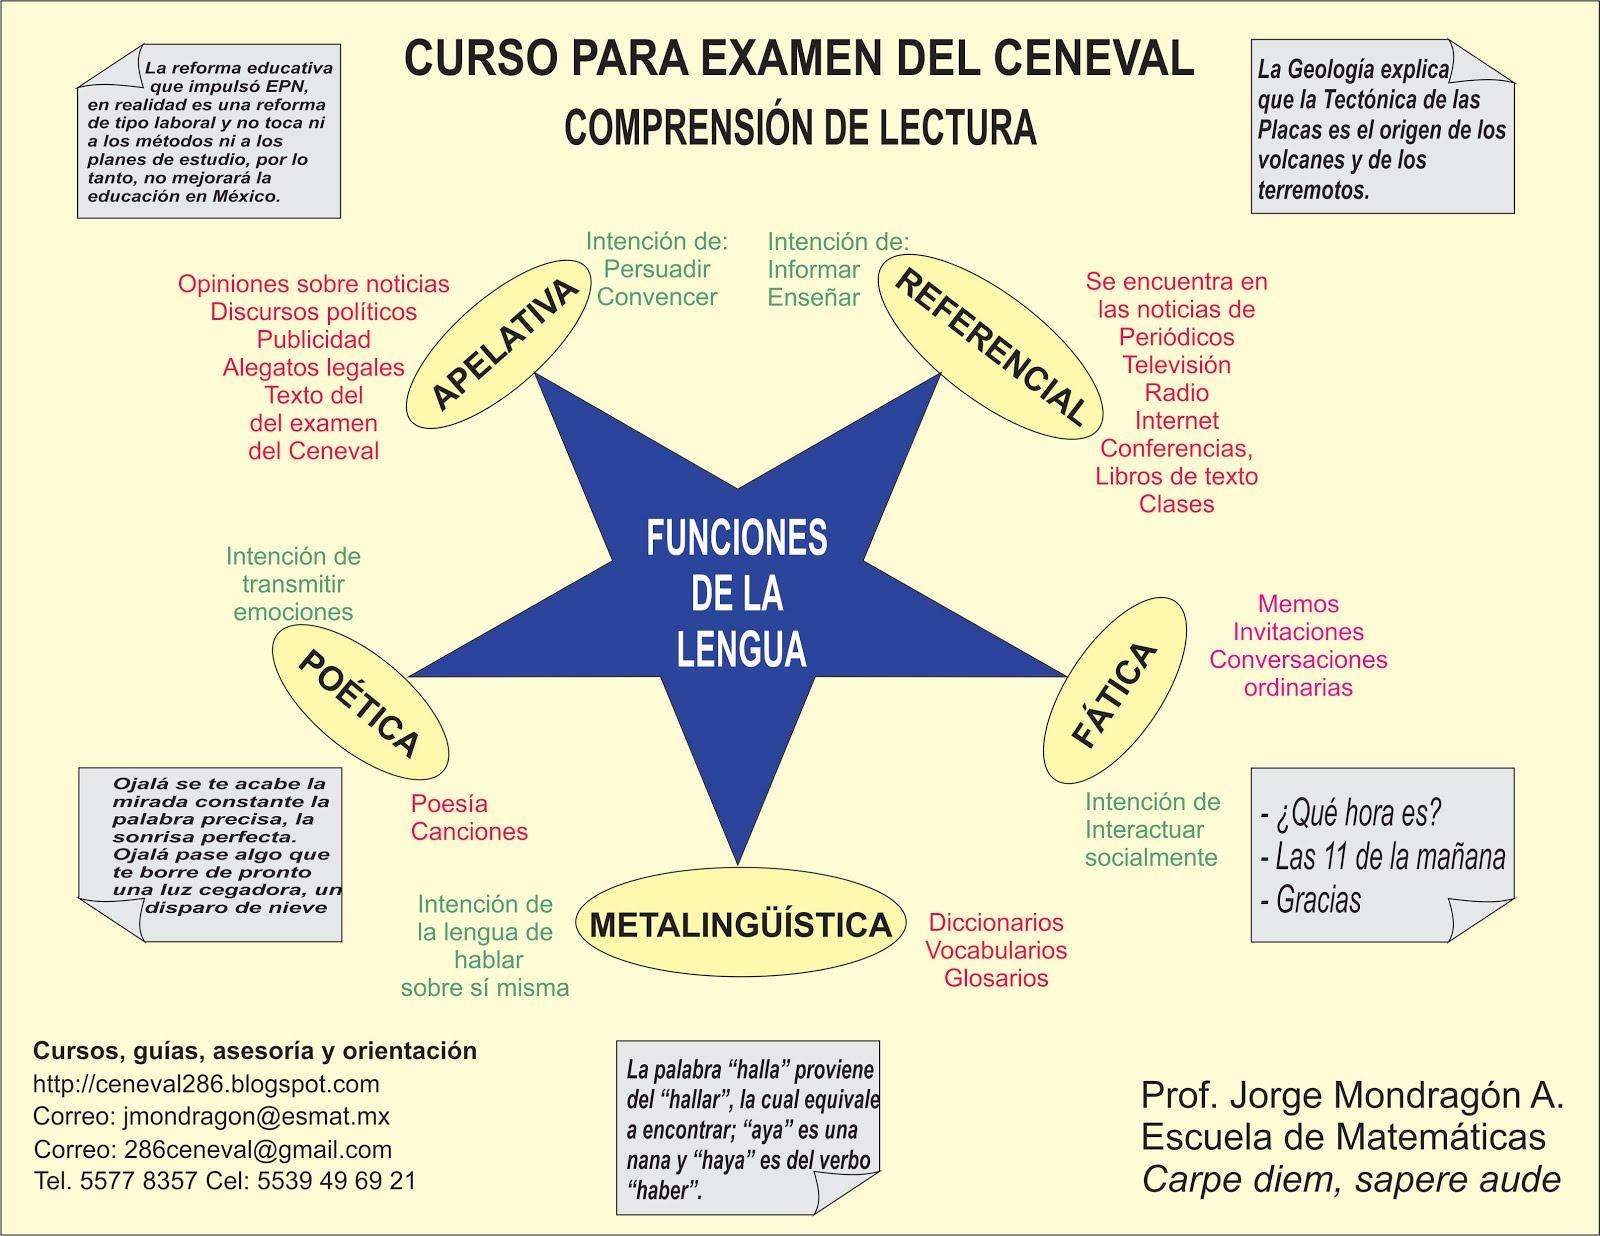 EXAMEN DE CENEVAL ACUERDO 286 -Prepa en un examen -